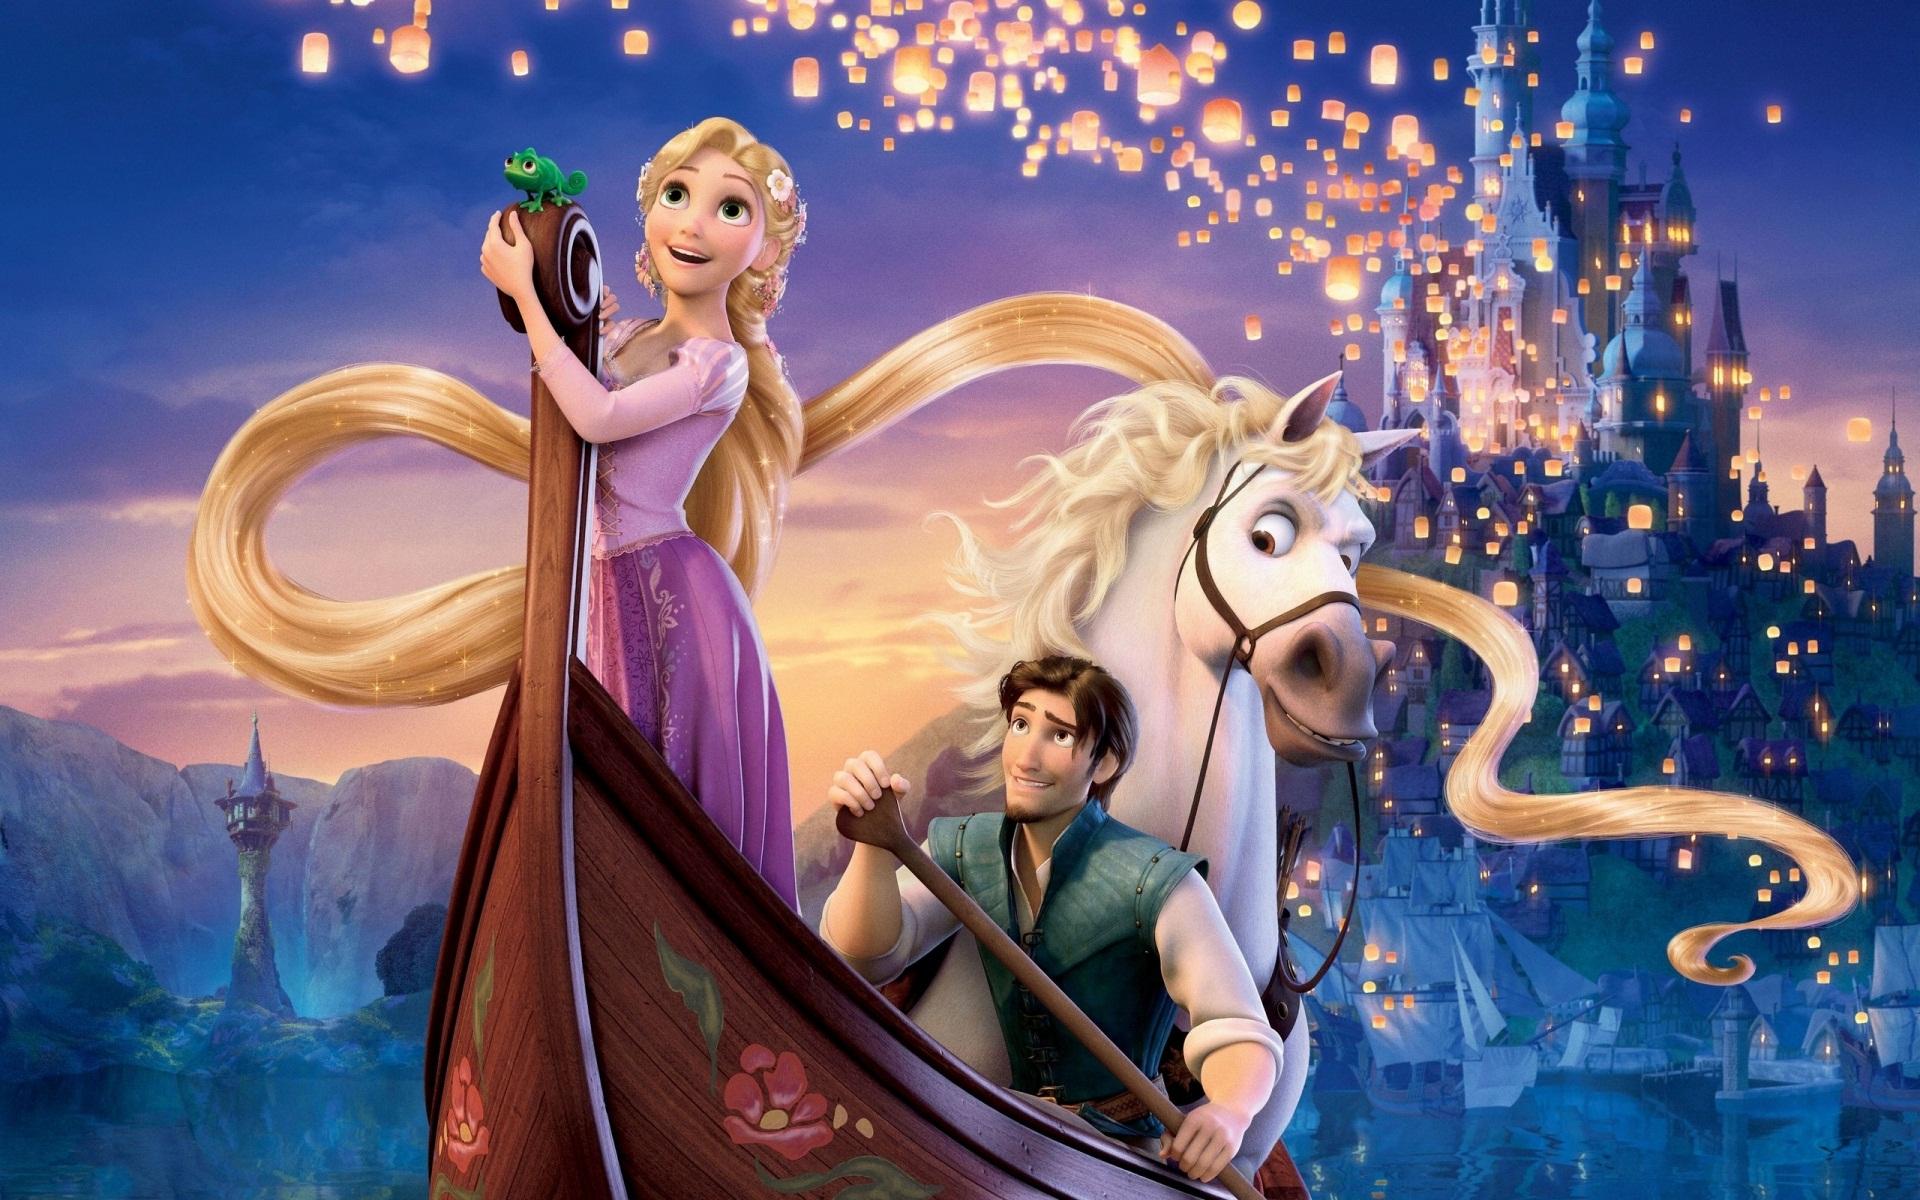 Hình ảnh nữ hoàng băng giá và chàng hoàng tử đẹp trai